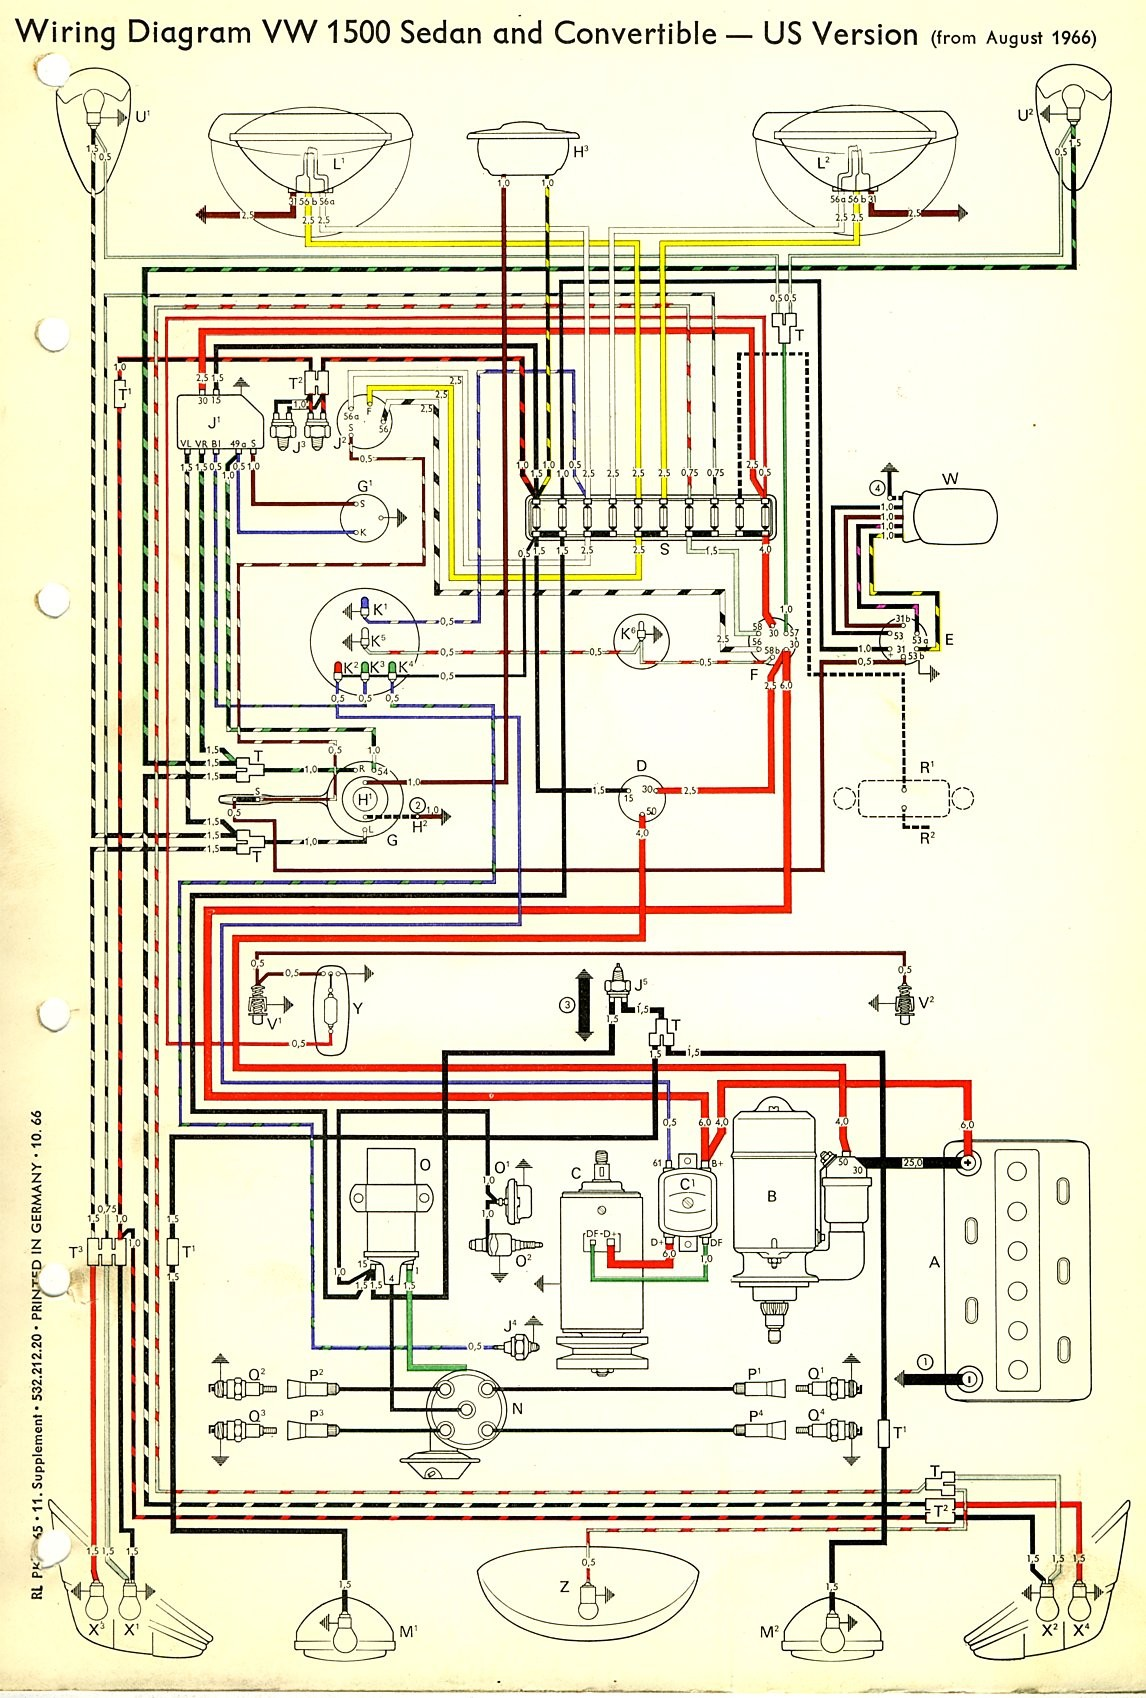 1974 Vw Engine Wiring Library 74 Diagram Voltage Regulator Beetle U2022 72